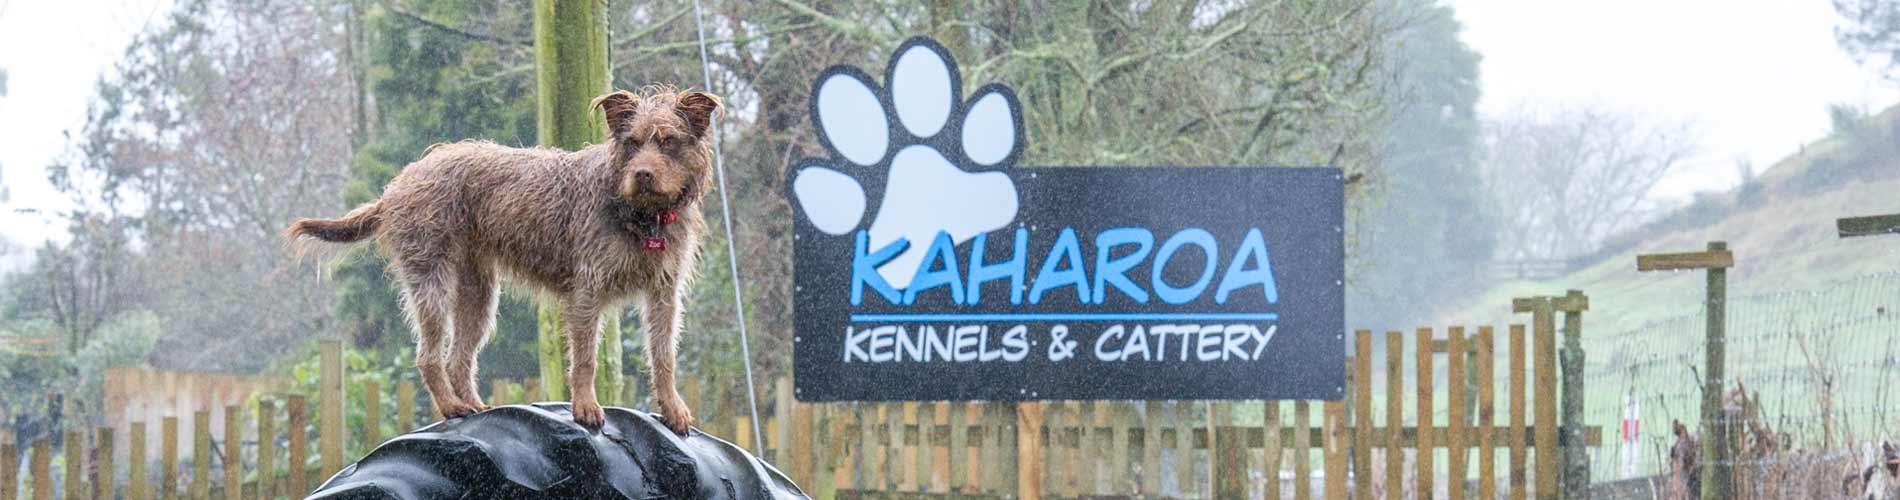 Gallery - kaharoa kennels